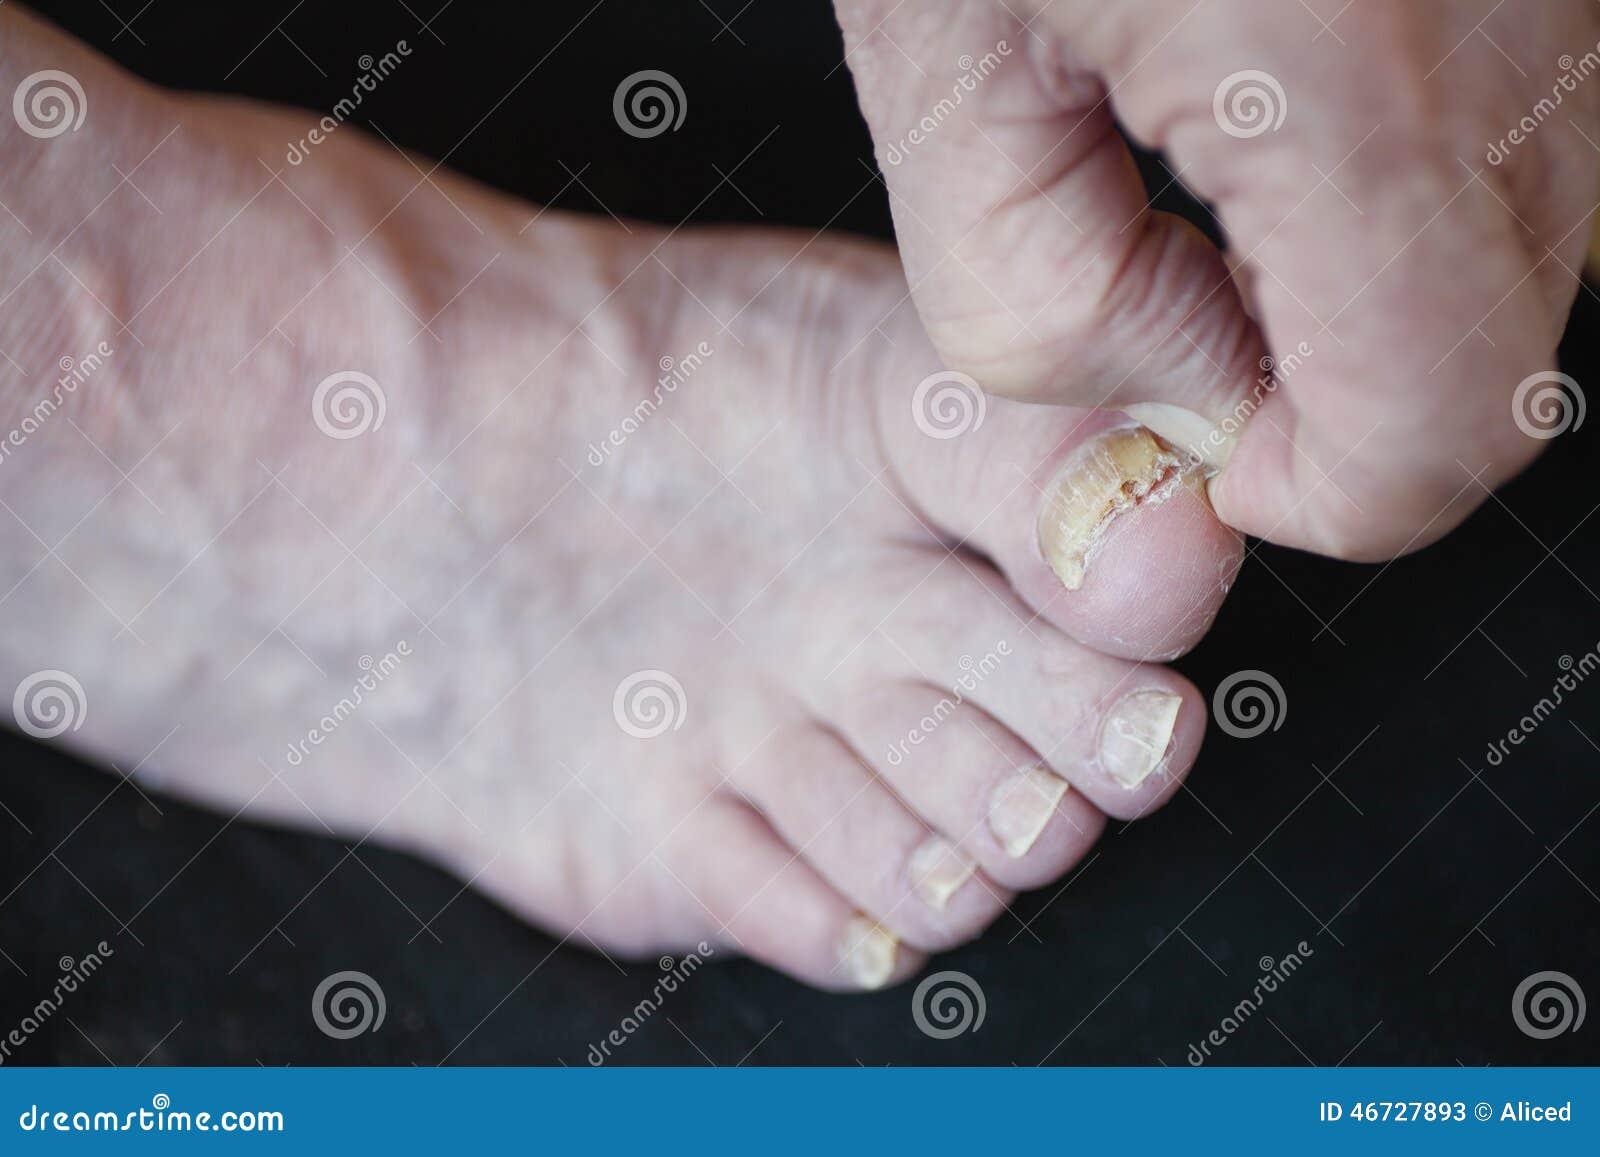 Su una mano lunghia si è staccata un trattamento di letto di unghia